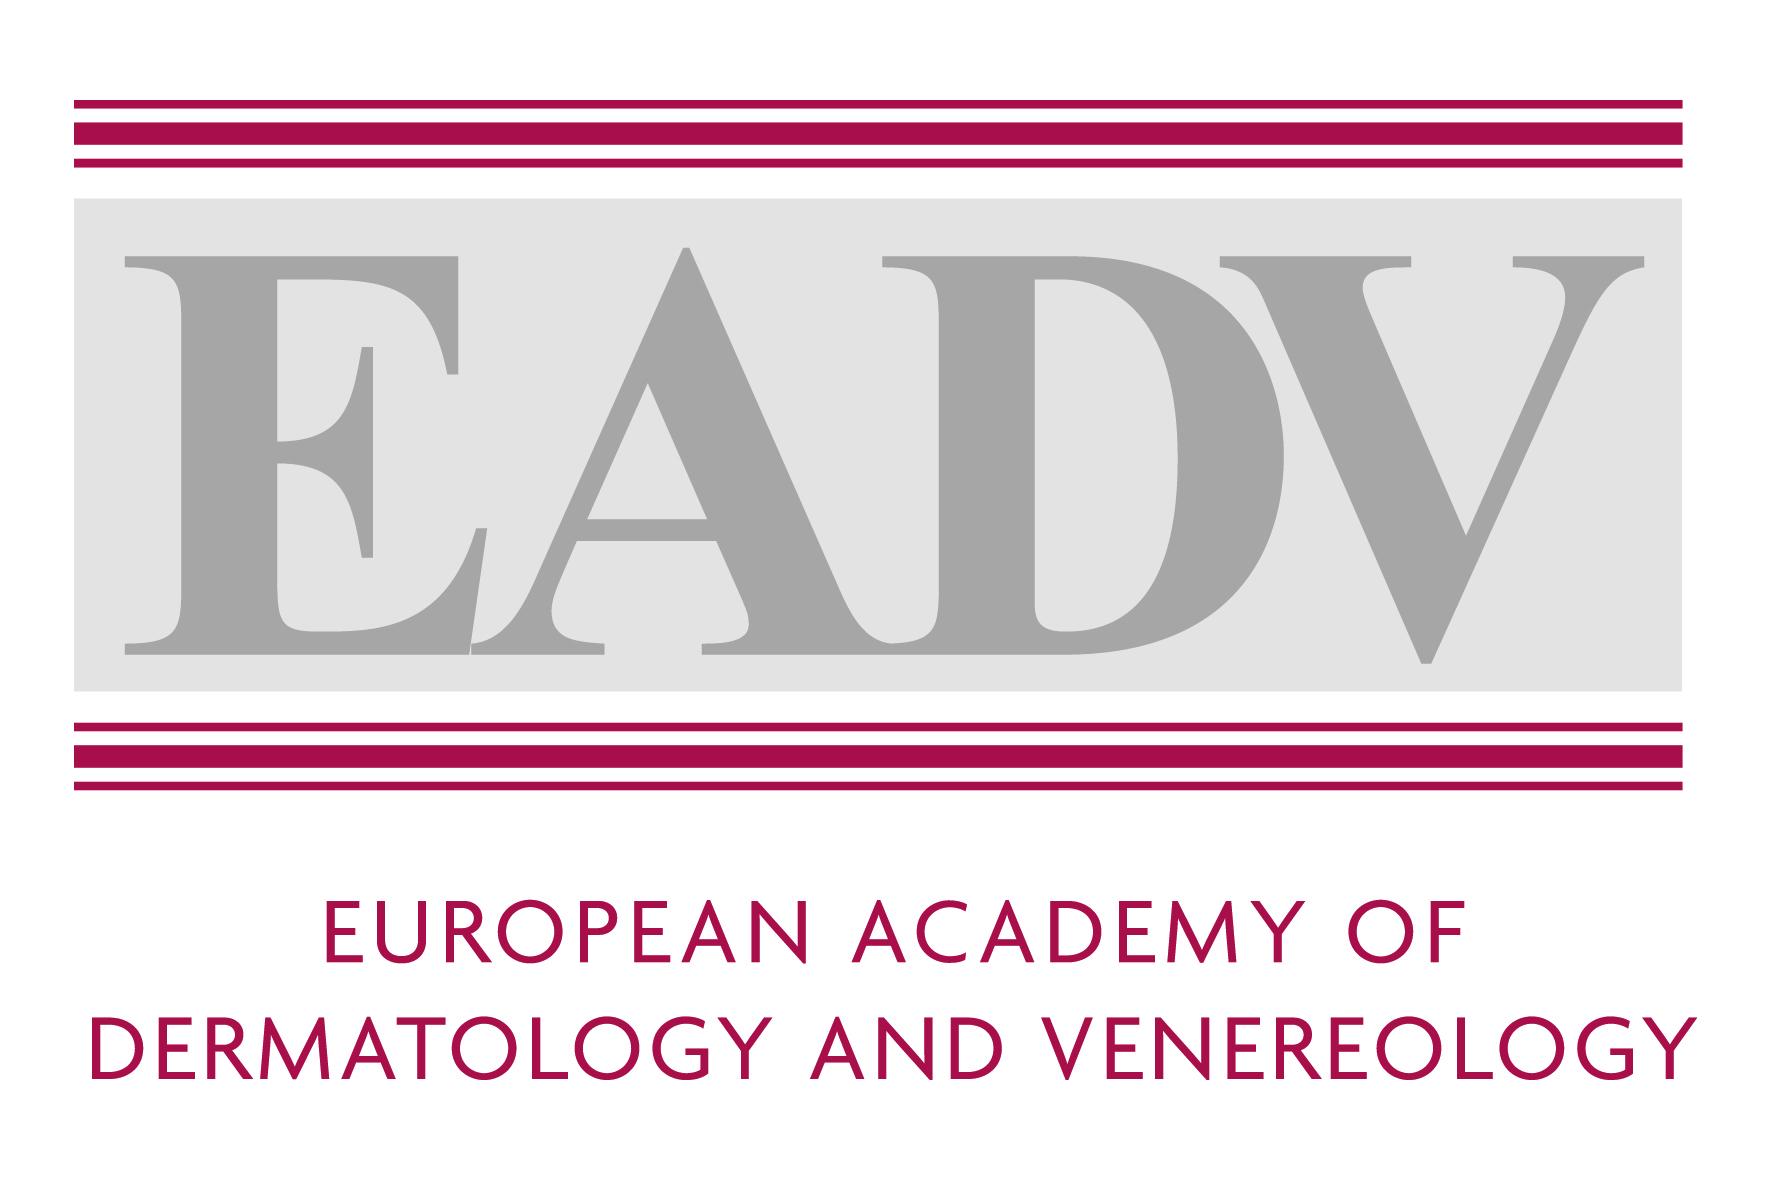 EADV logo dermatology